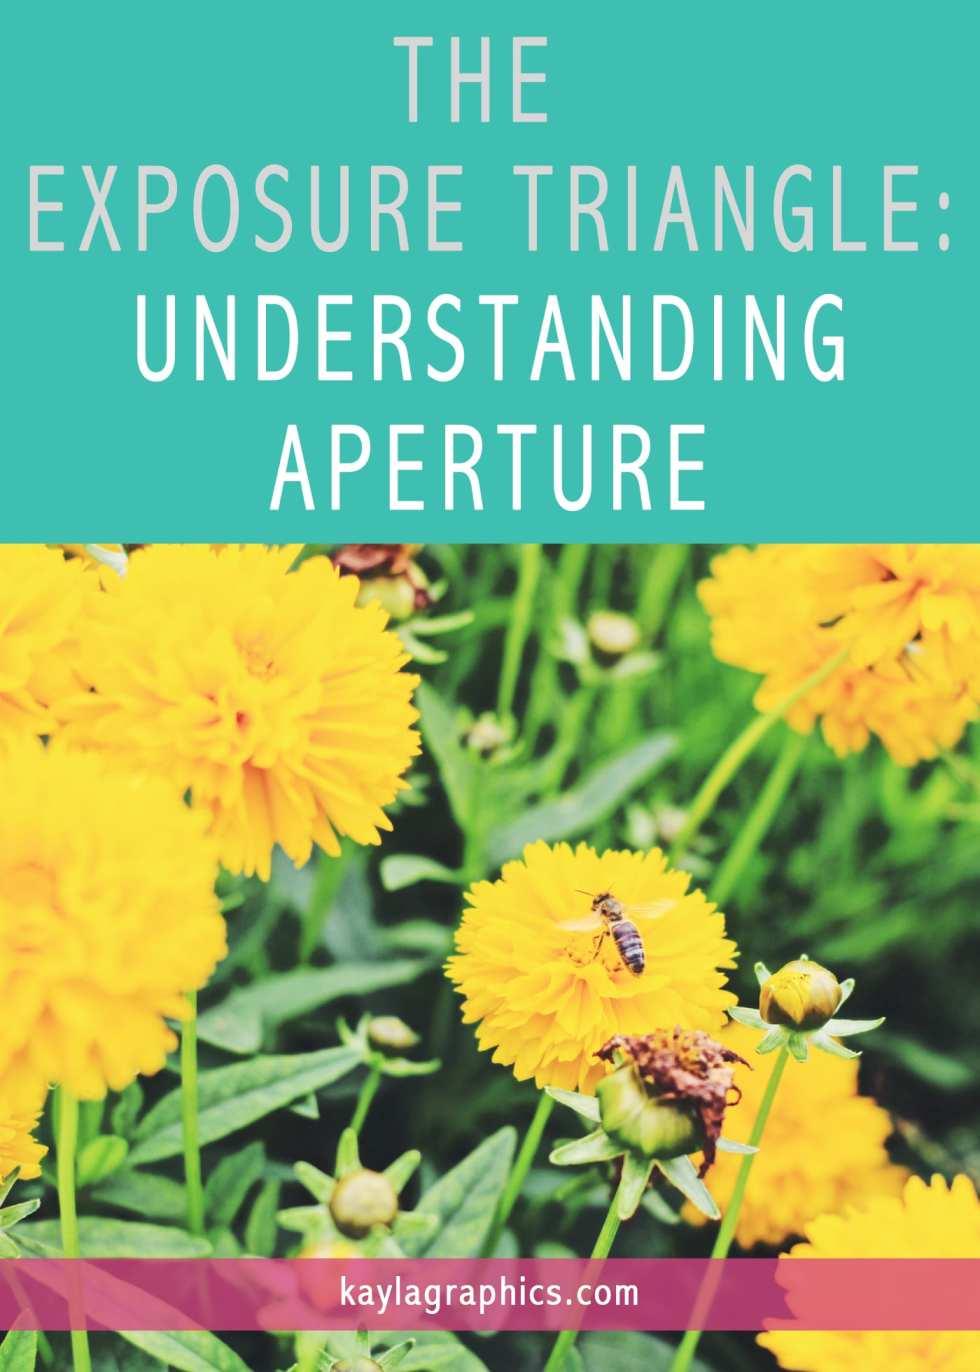 THE EXPOSURE TRIANGLE UNDERSTANDING APERTURE